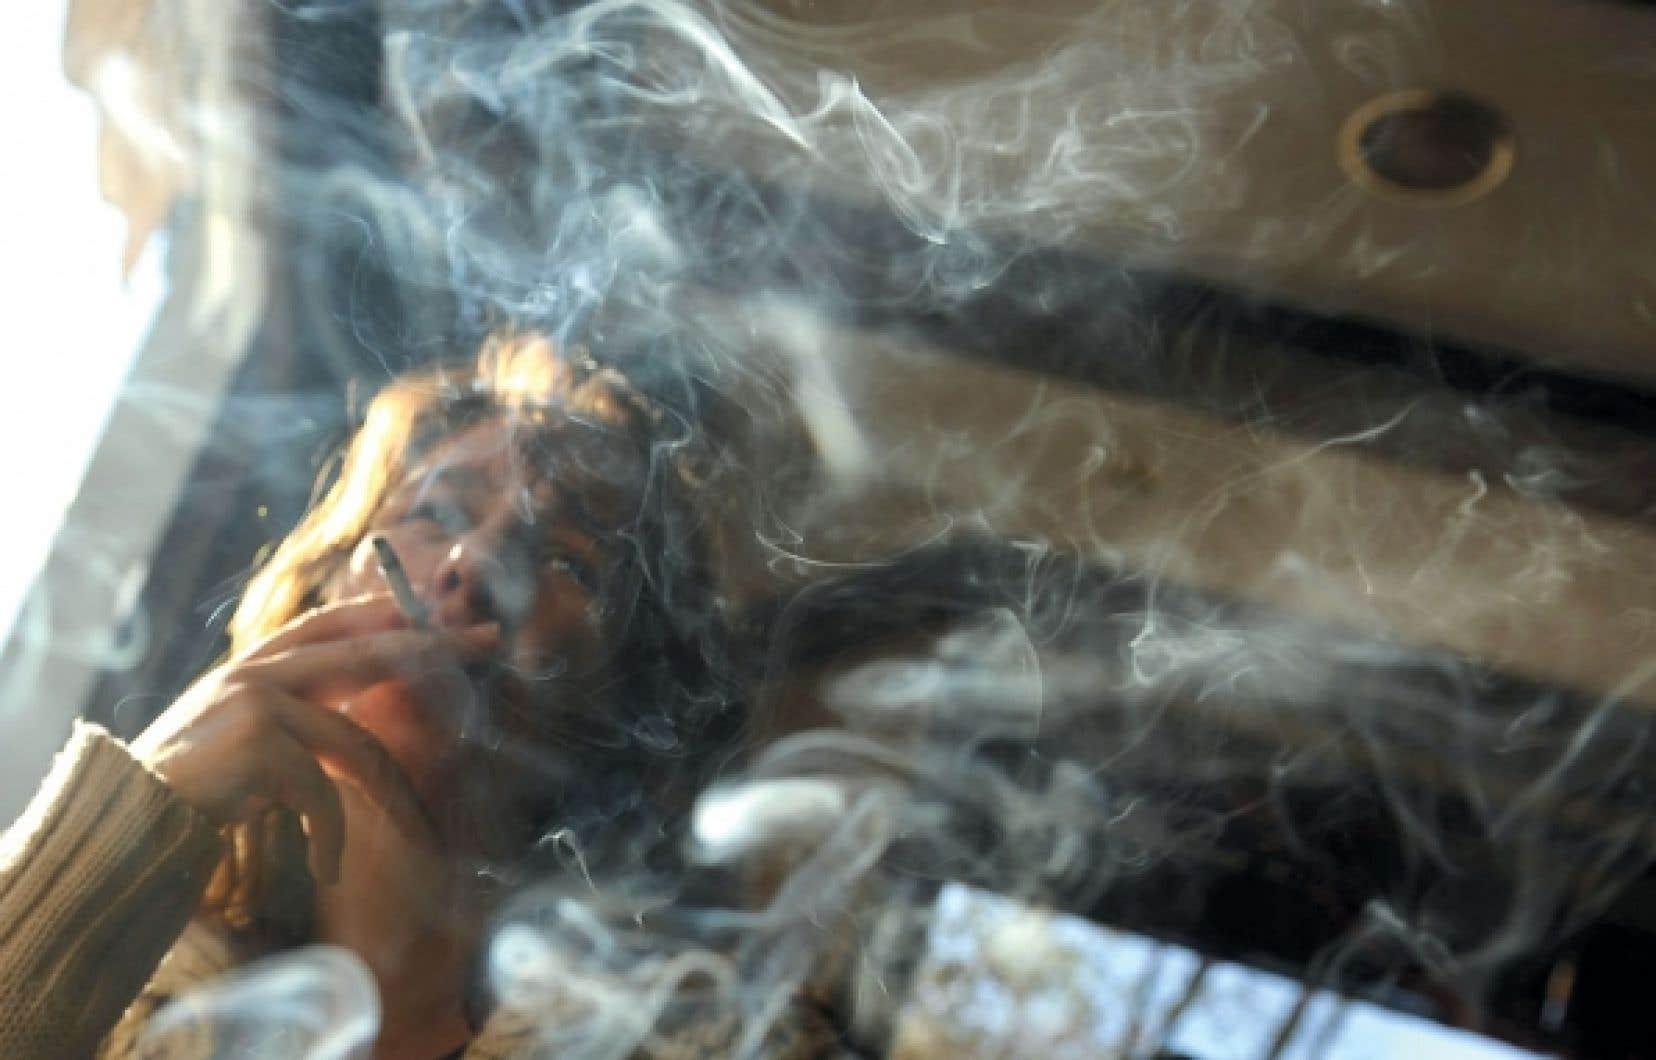 Chez les femmes, cesser de fumer avant l'âge de 40 ans allongerait l'espérance de vie d'une dizaine d'années, selon une récente étude britannique.